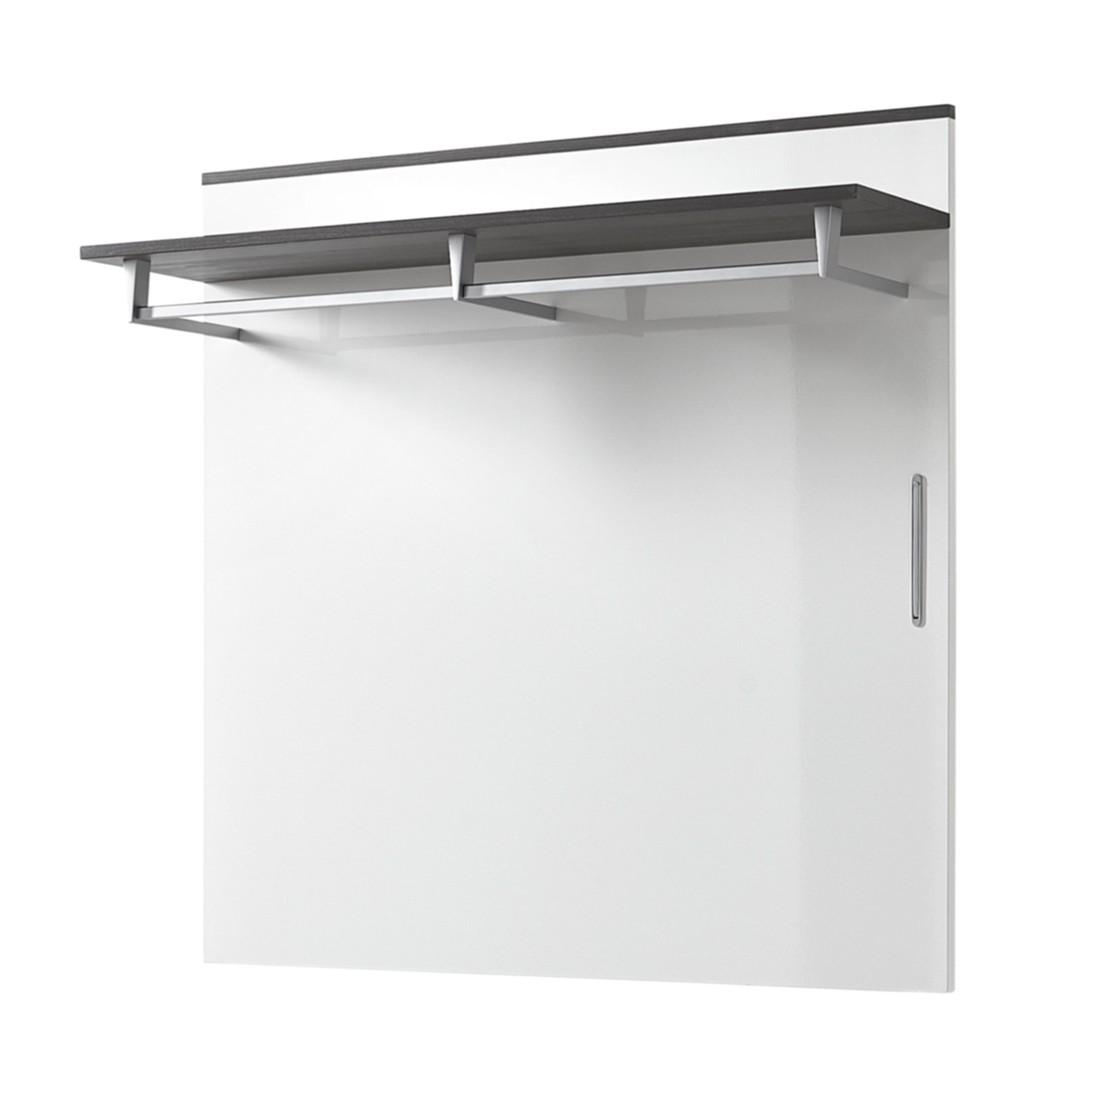 Garderobenpaneele wei hochglanz preisvergleich die for Garderobenpaneel grau